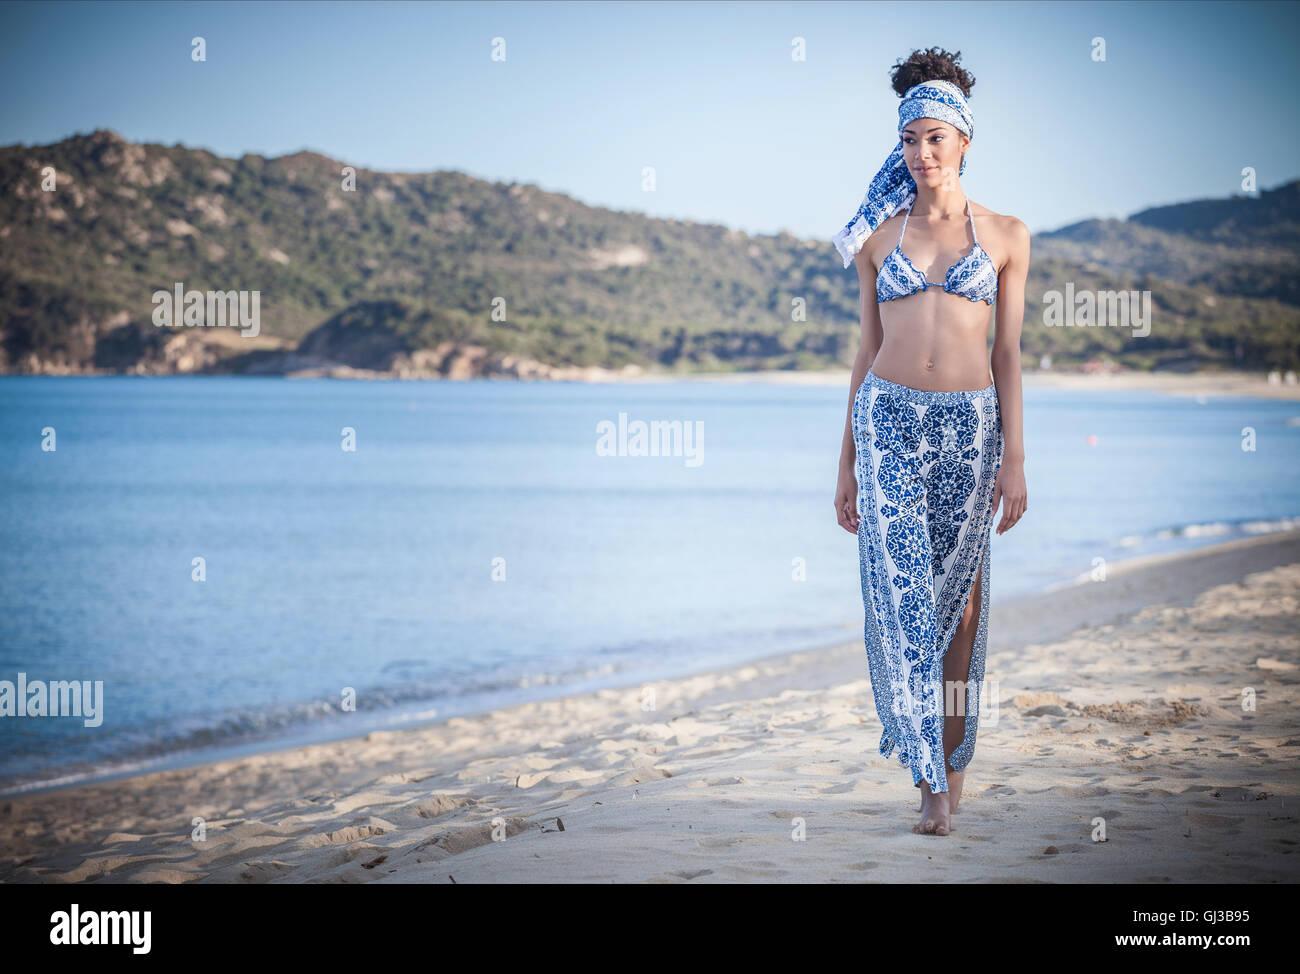 Giovane e bella donna che indossa un bikini top e sarong per passeggiare sulla spiaggia, Costa Rei, Sardegna, Italia Immagini Stock